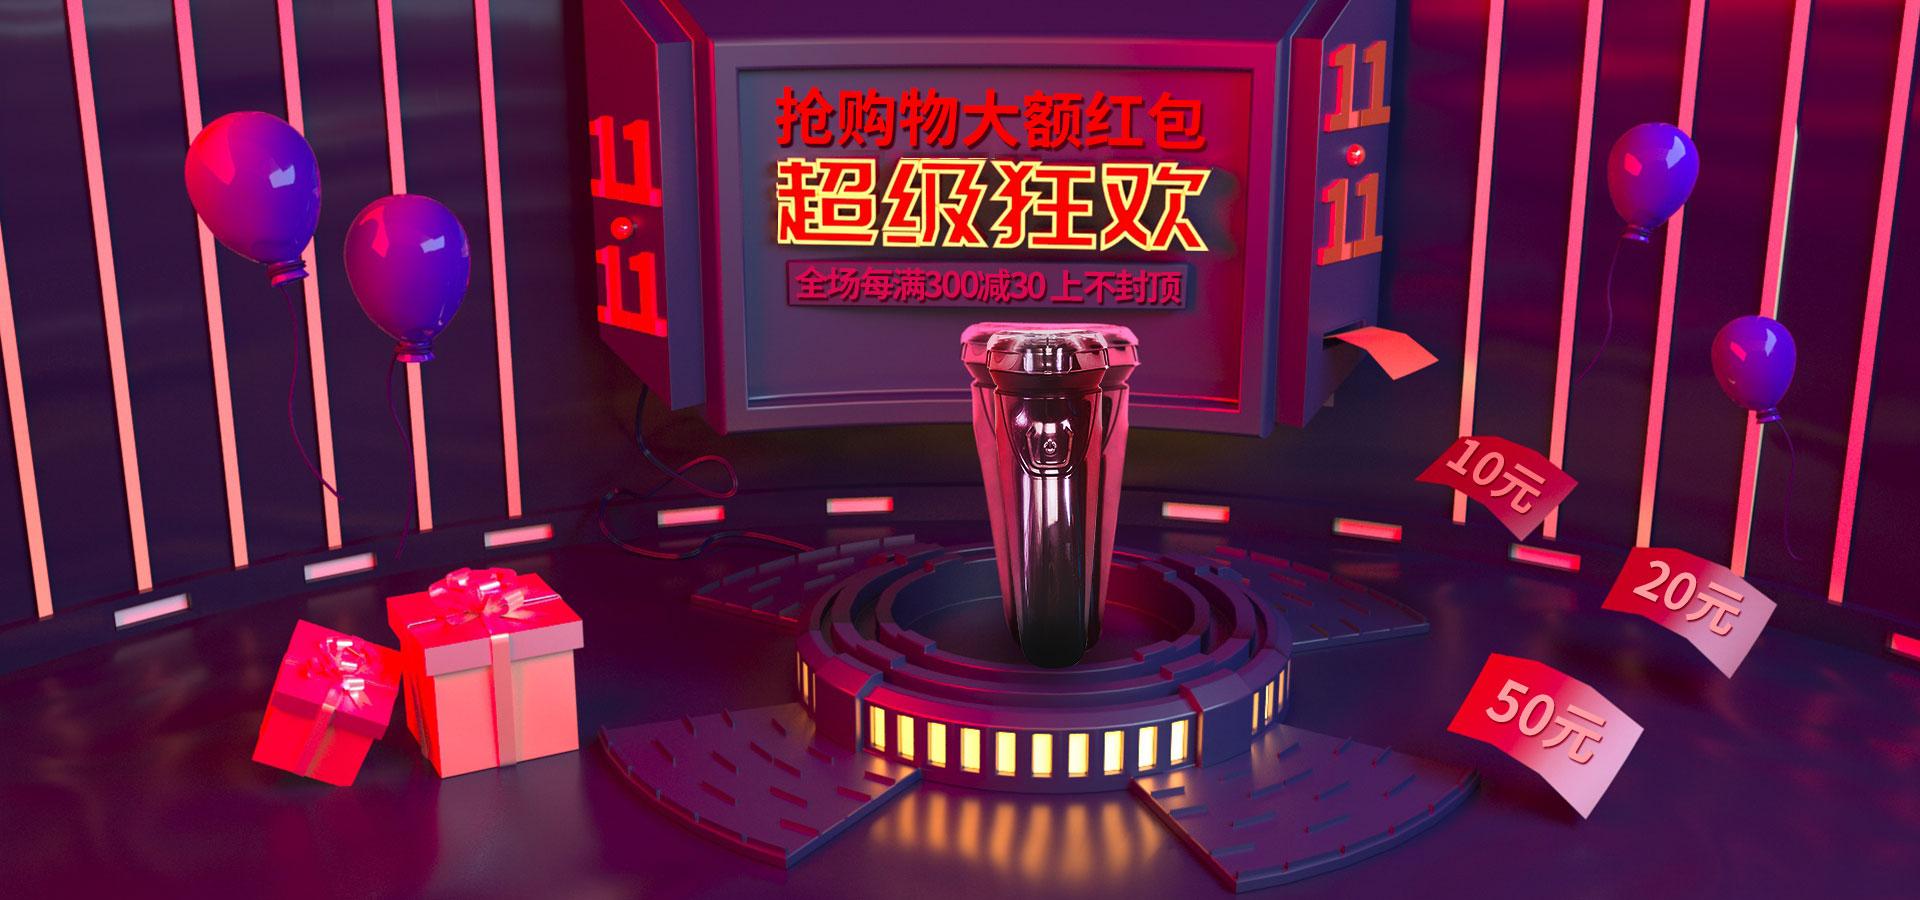 双11酷炫科技风剃须刀banner双十一